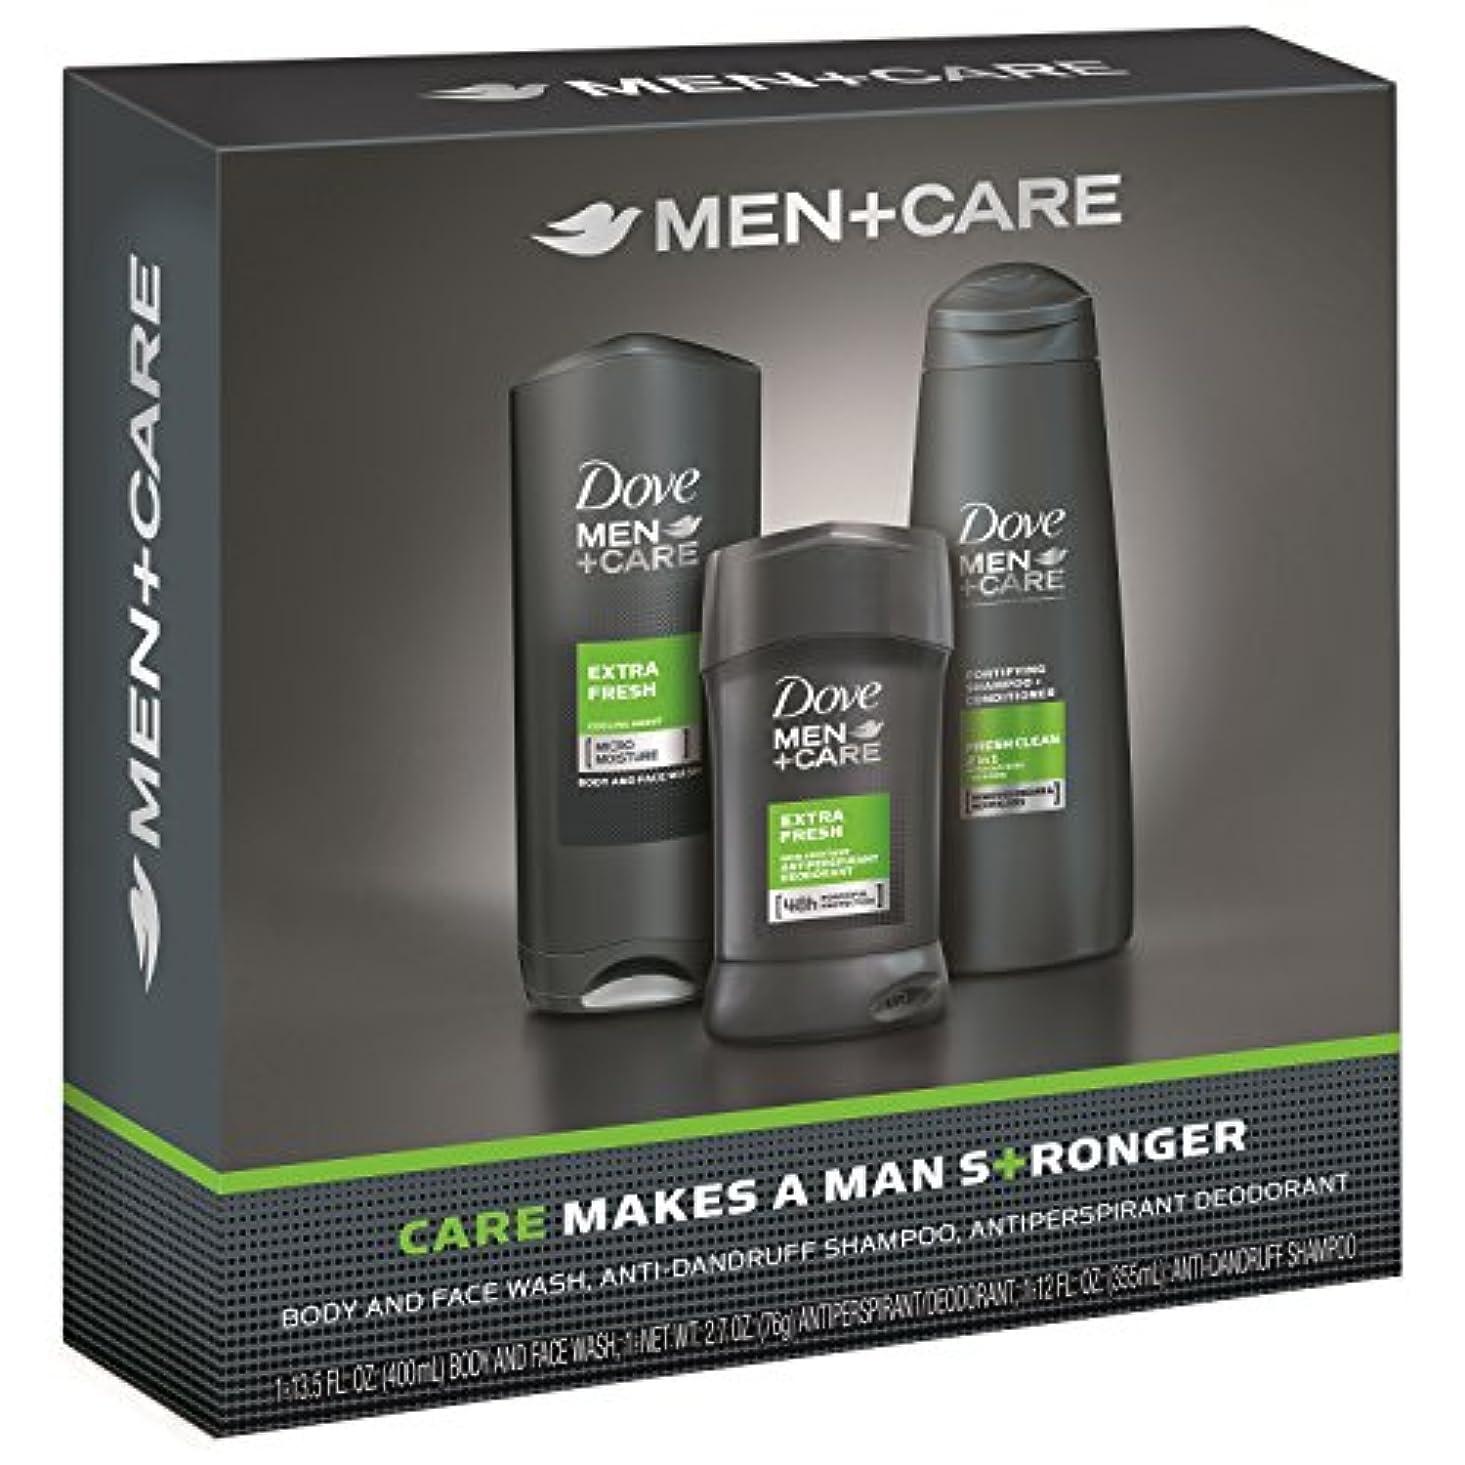 気味の悪いスペクトラム海外でDove Men+Care Gift Pack Extra Fresh ダブ メンプラスケア ギフトパック エクストラフレッシュ